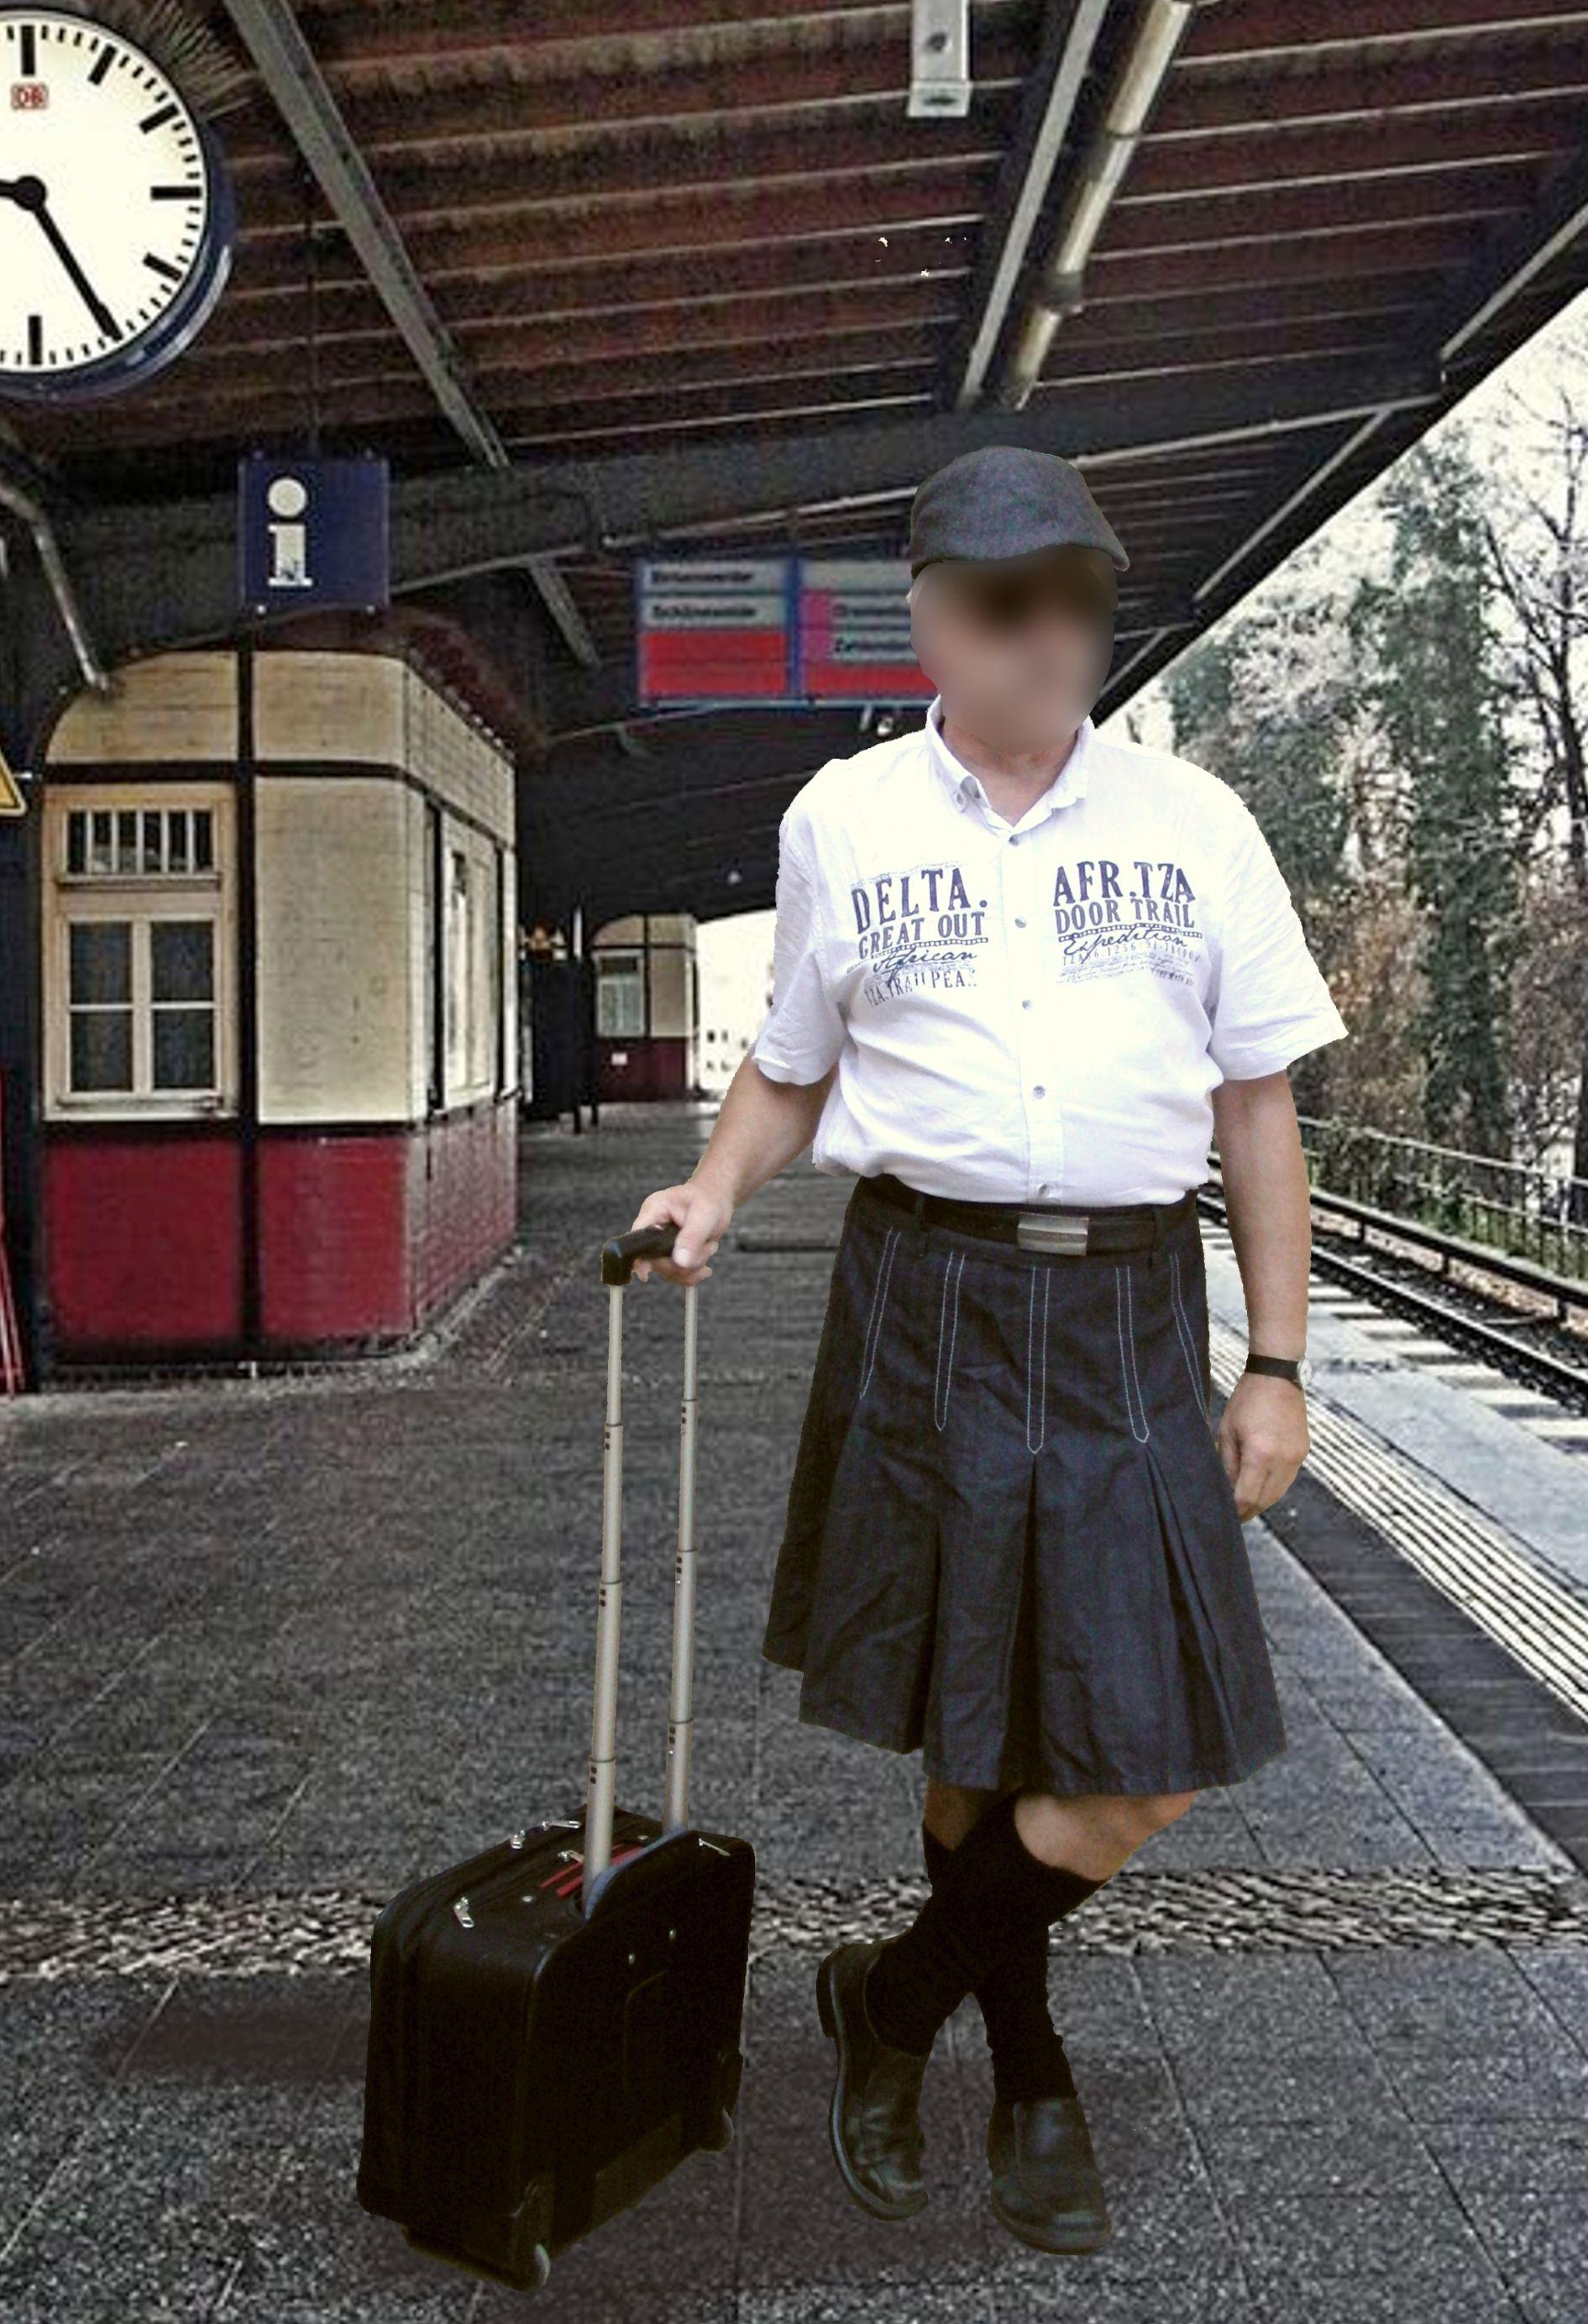 Bequemes Reise- und Freizeit Outfit für ihn: Faltenrock